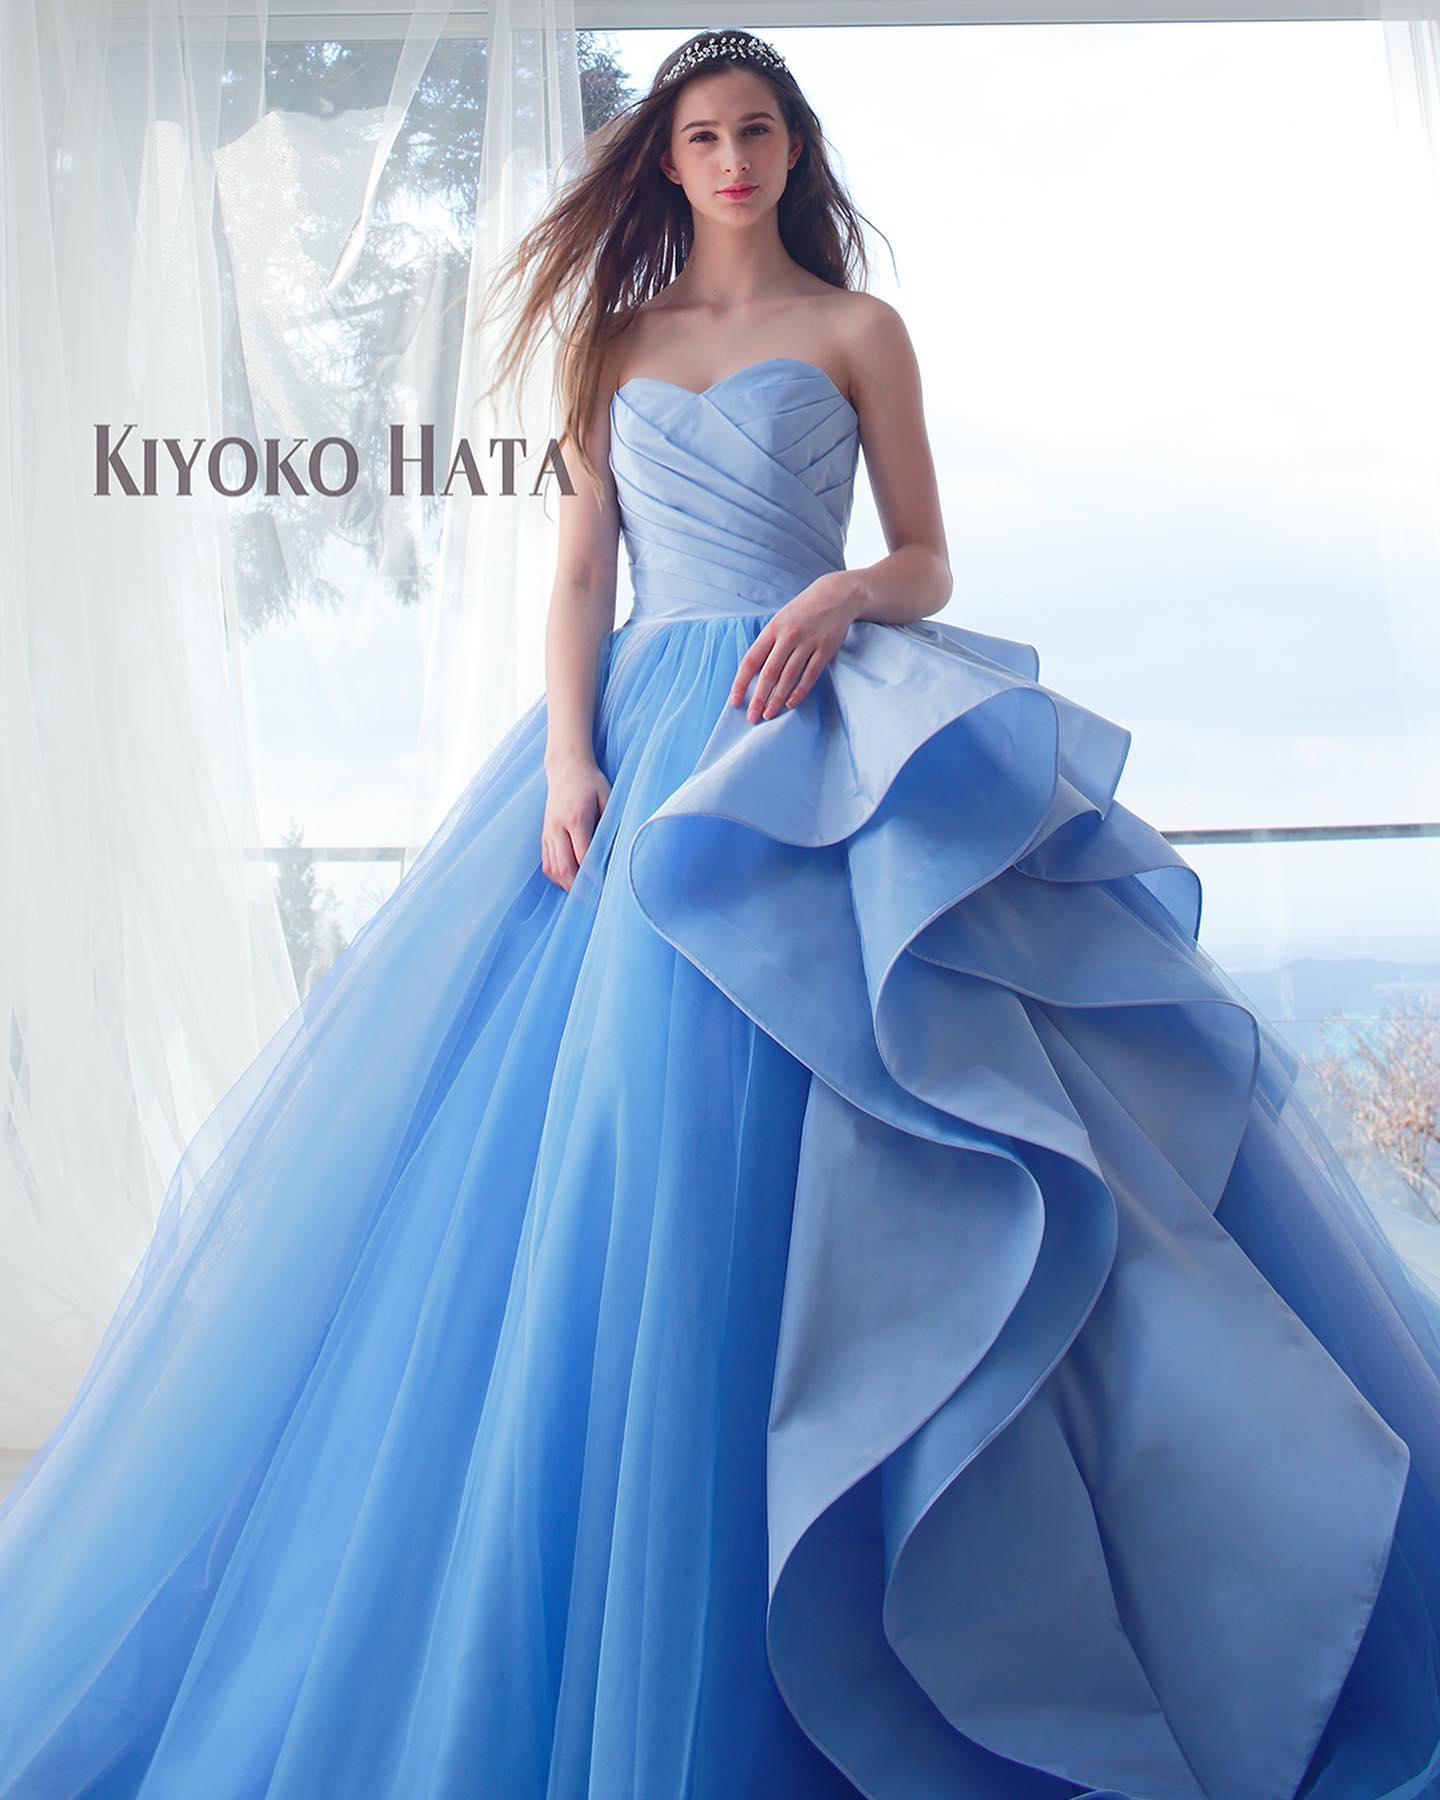 """今日は大人気の""""KIYOKO HATAのカラードレスをご紹介・スカート部分が縦グラデーションになるようソフトチュールを合わせている大人可愛いドレス・スカートの左脇に波打つ美しいフリルが印象的🥺肩のケープは取り外し可能なので2WAYで使えるもの嬉しいポイントですね・ぜひお問い合わせ下さい・【KIYOKO HATA】CD0366KH-0457・#wedding #weddingdress #bridalhiro #kiyokohata #marry#ウェディングドレス #プレ花嫁 #ドレス試着 #2021冬婚 #ヘアメイク #結婚式  #ドレス選び #前撮り #後撮り #フォトウェディング #ウェディングヘア  #フォト婚 #前撮り写真 #ブライダルフォト #カップルフォト #ウェディングドレス探し #ウェディングドレス試着 #レンタルドレス #ドレスショップ #家族婚 #ブライダルヒロ #ゼクシィ #プリンセスライン #ドレス迷子"""